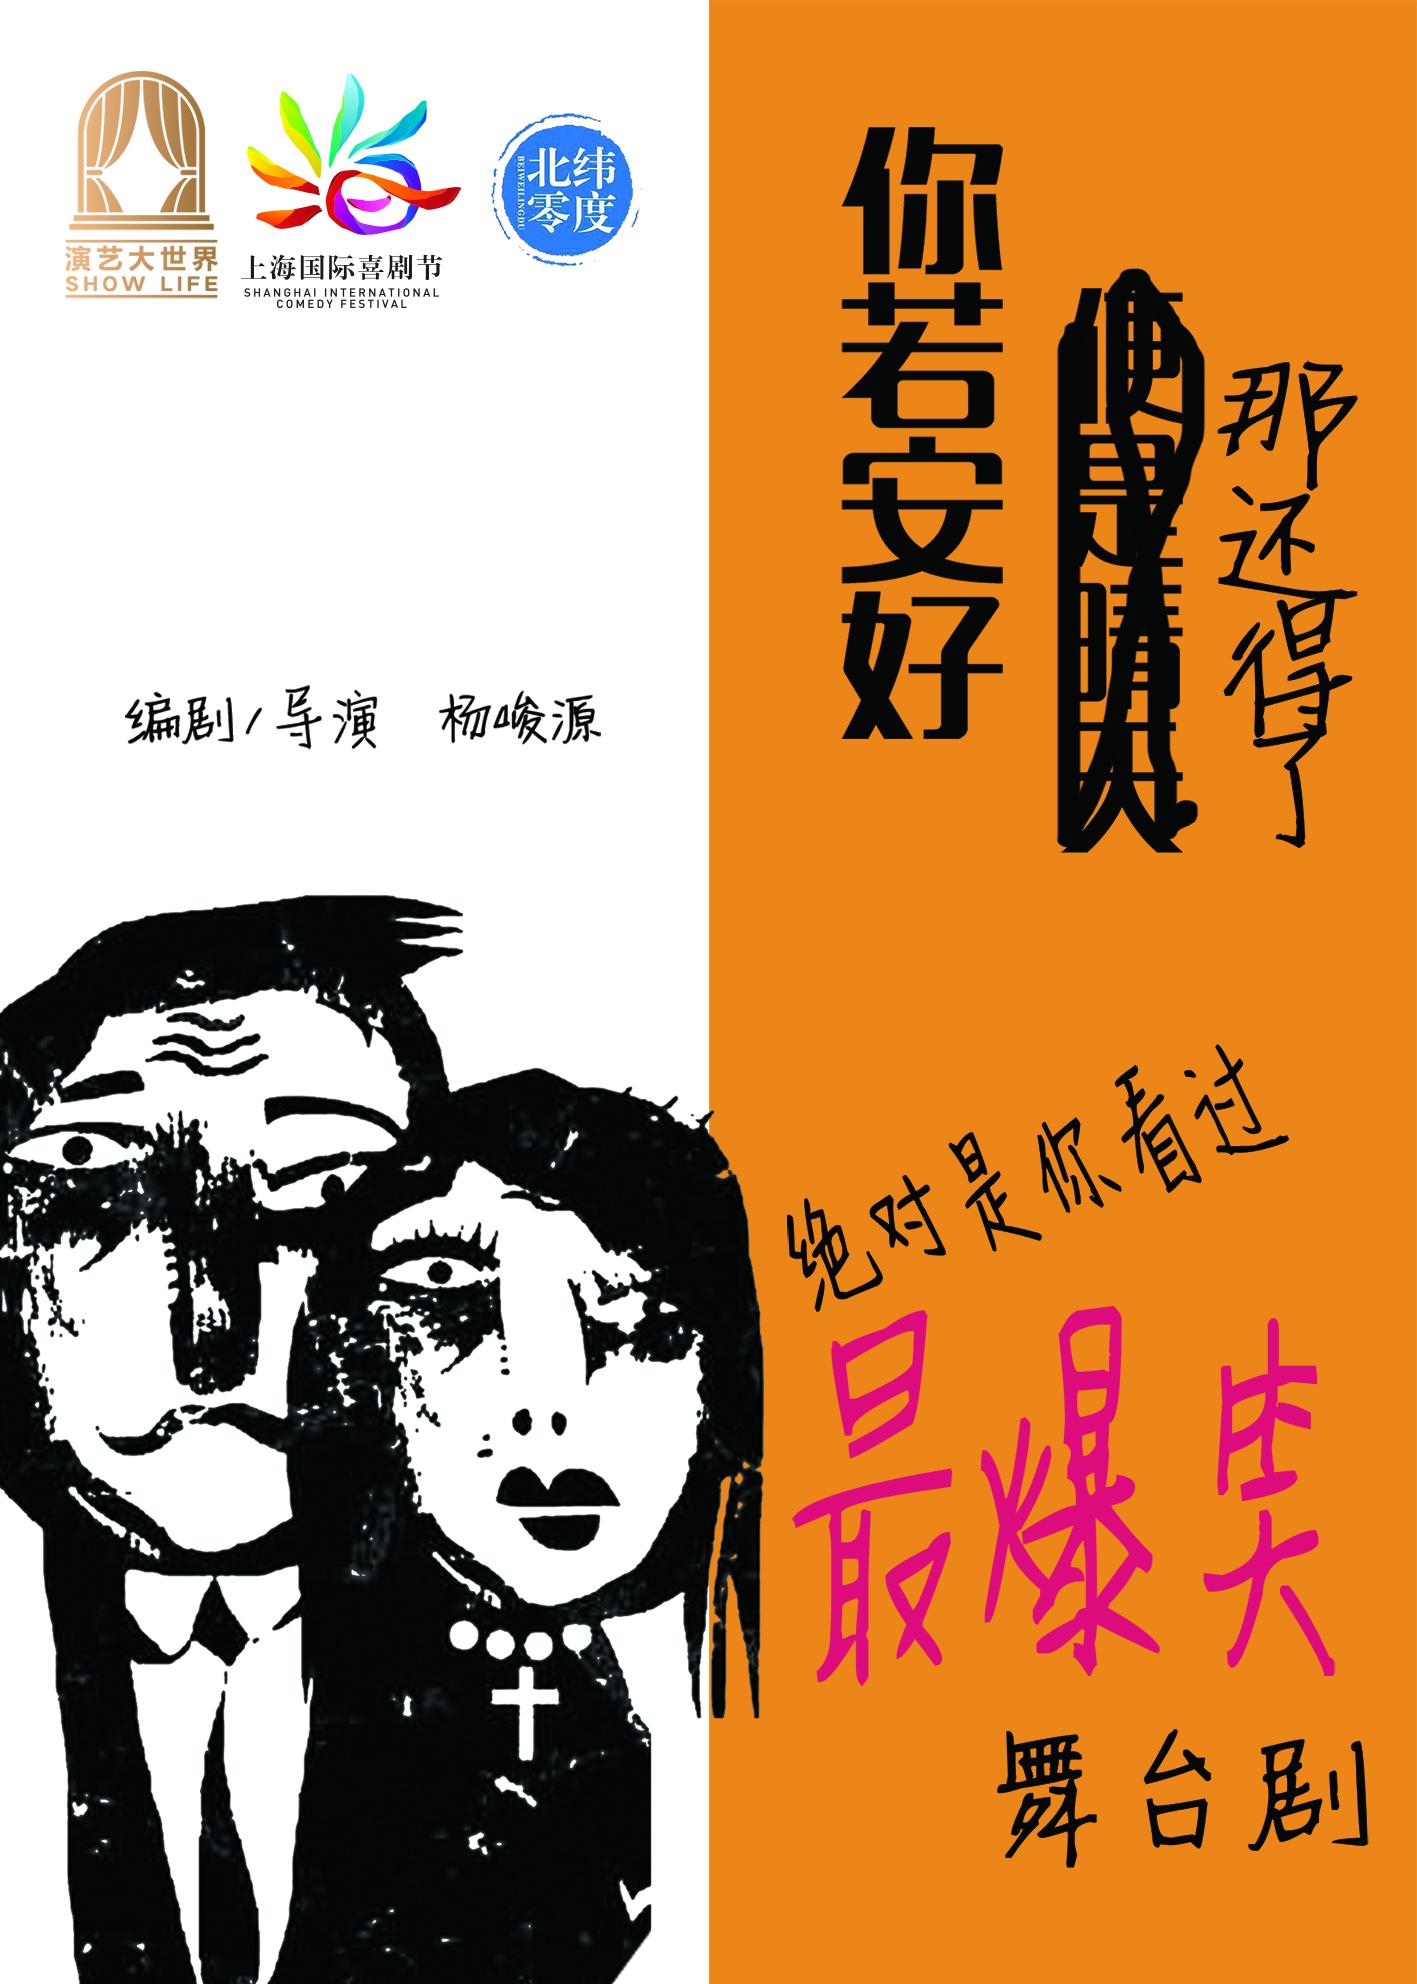 【上海】重喜剧《你若安好,那还得了》北纬零度出品